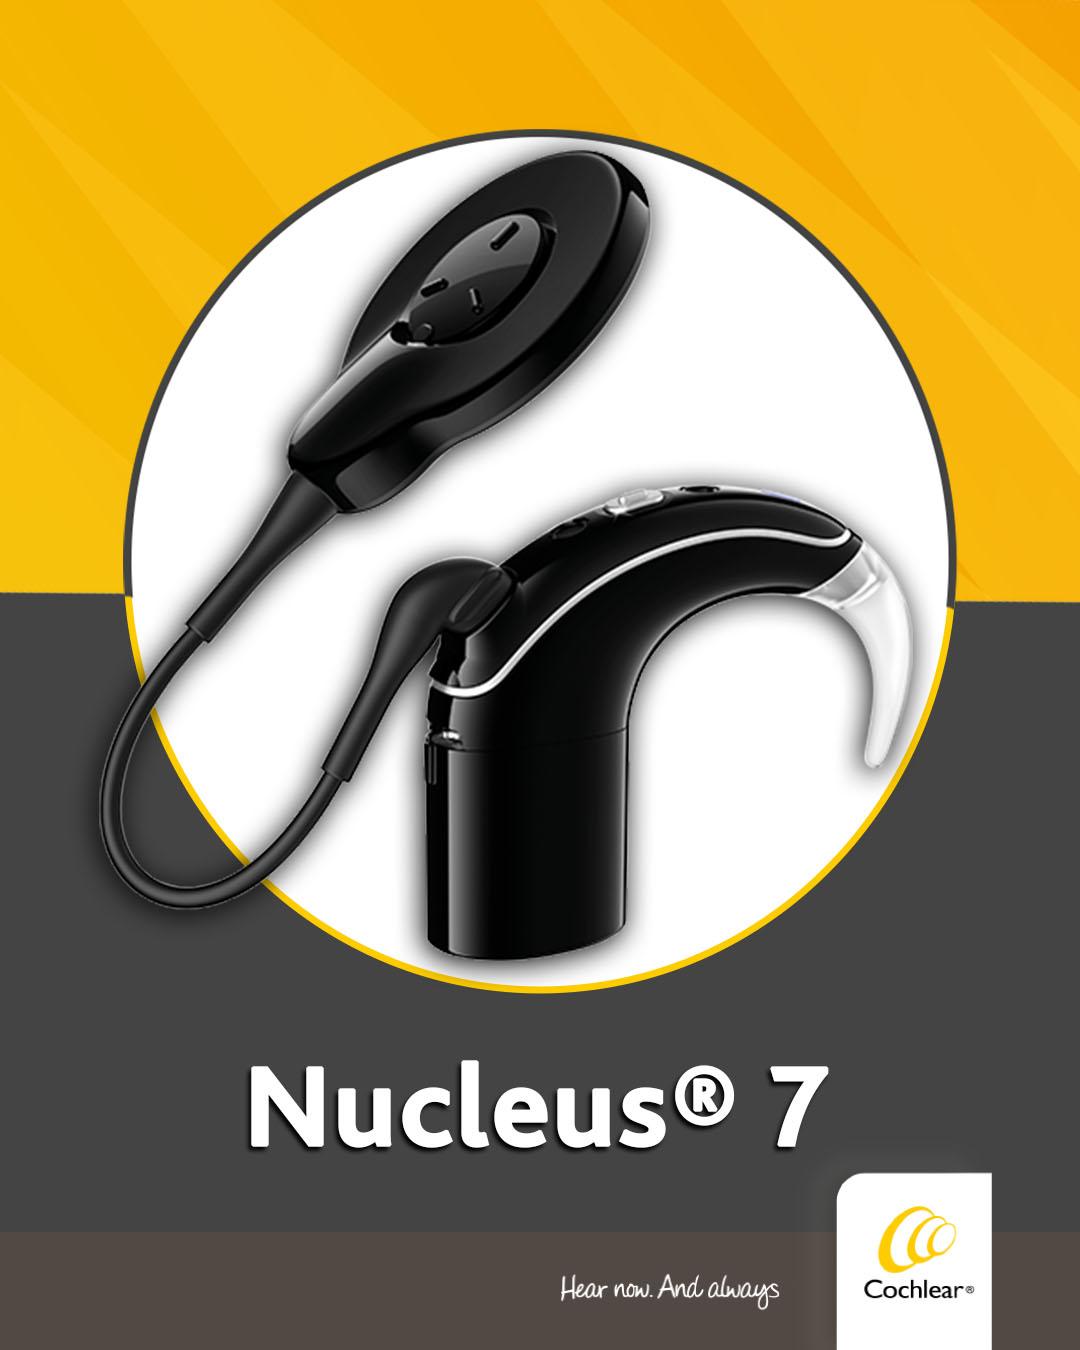 nuclueus7-cochlear